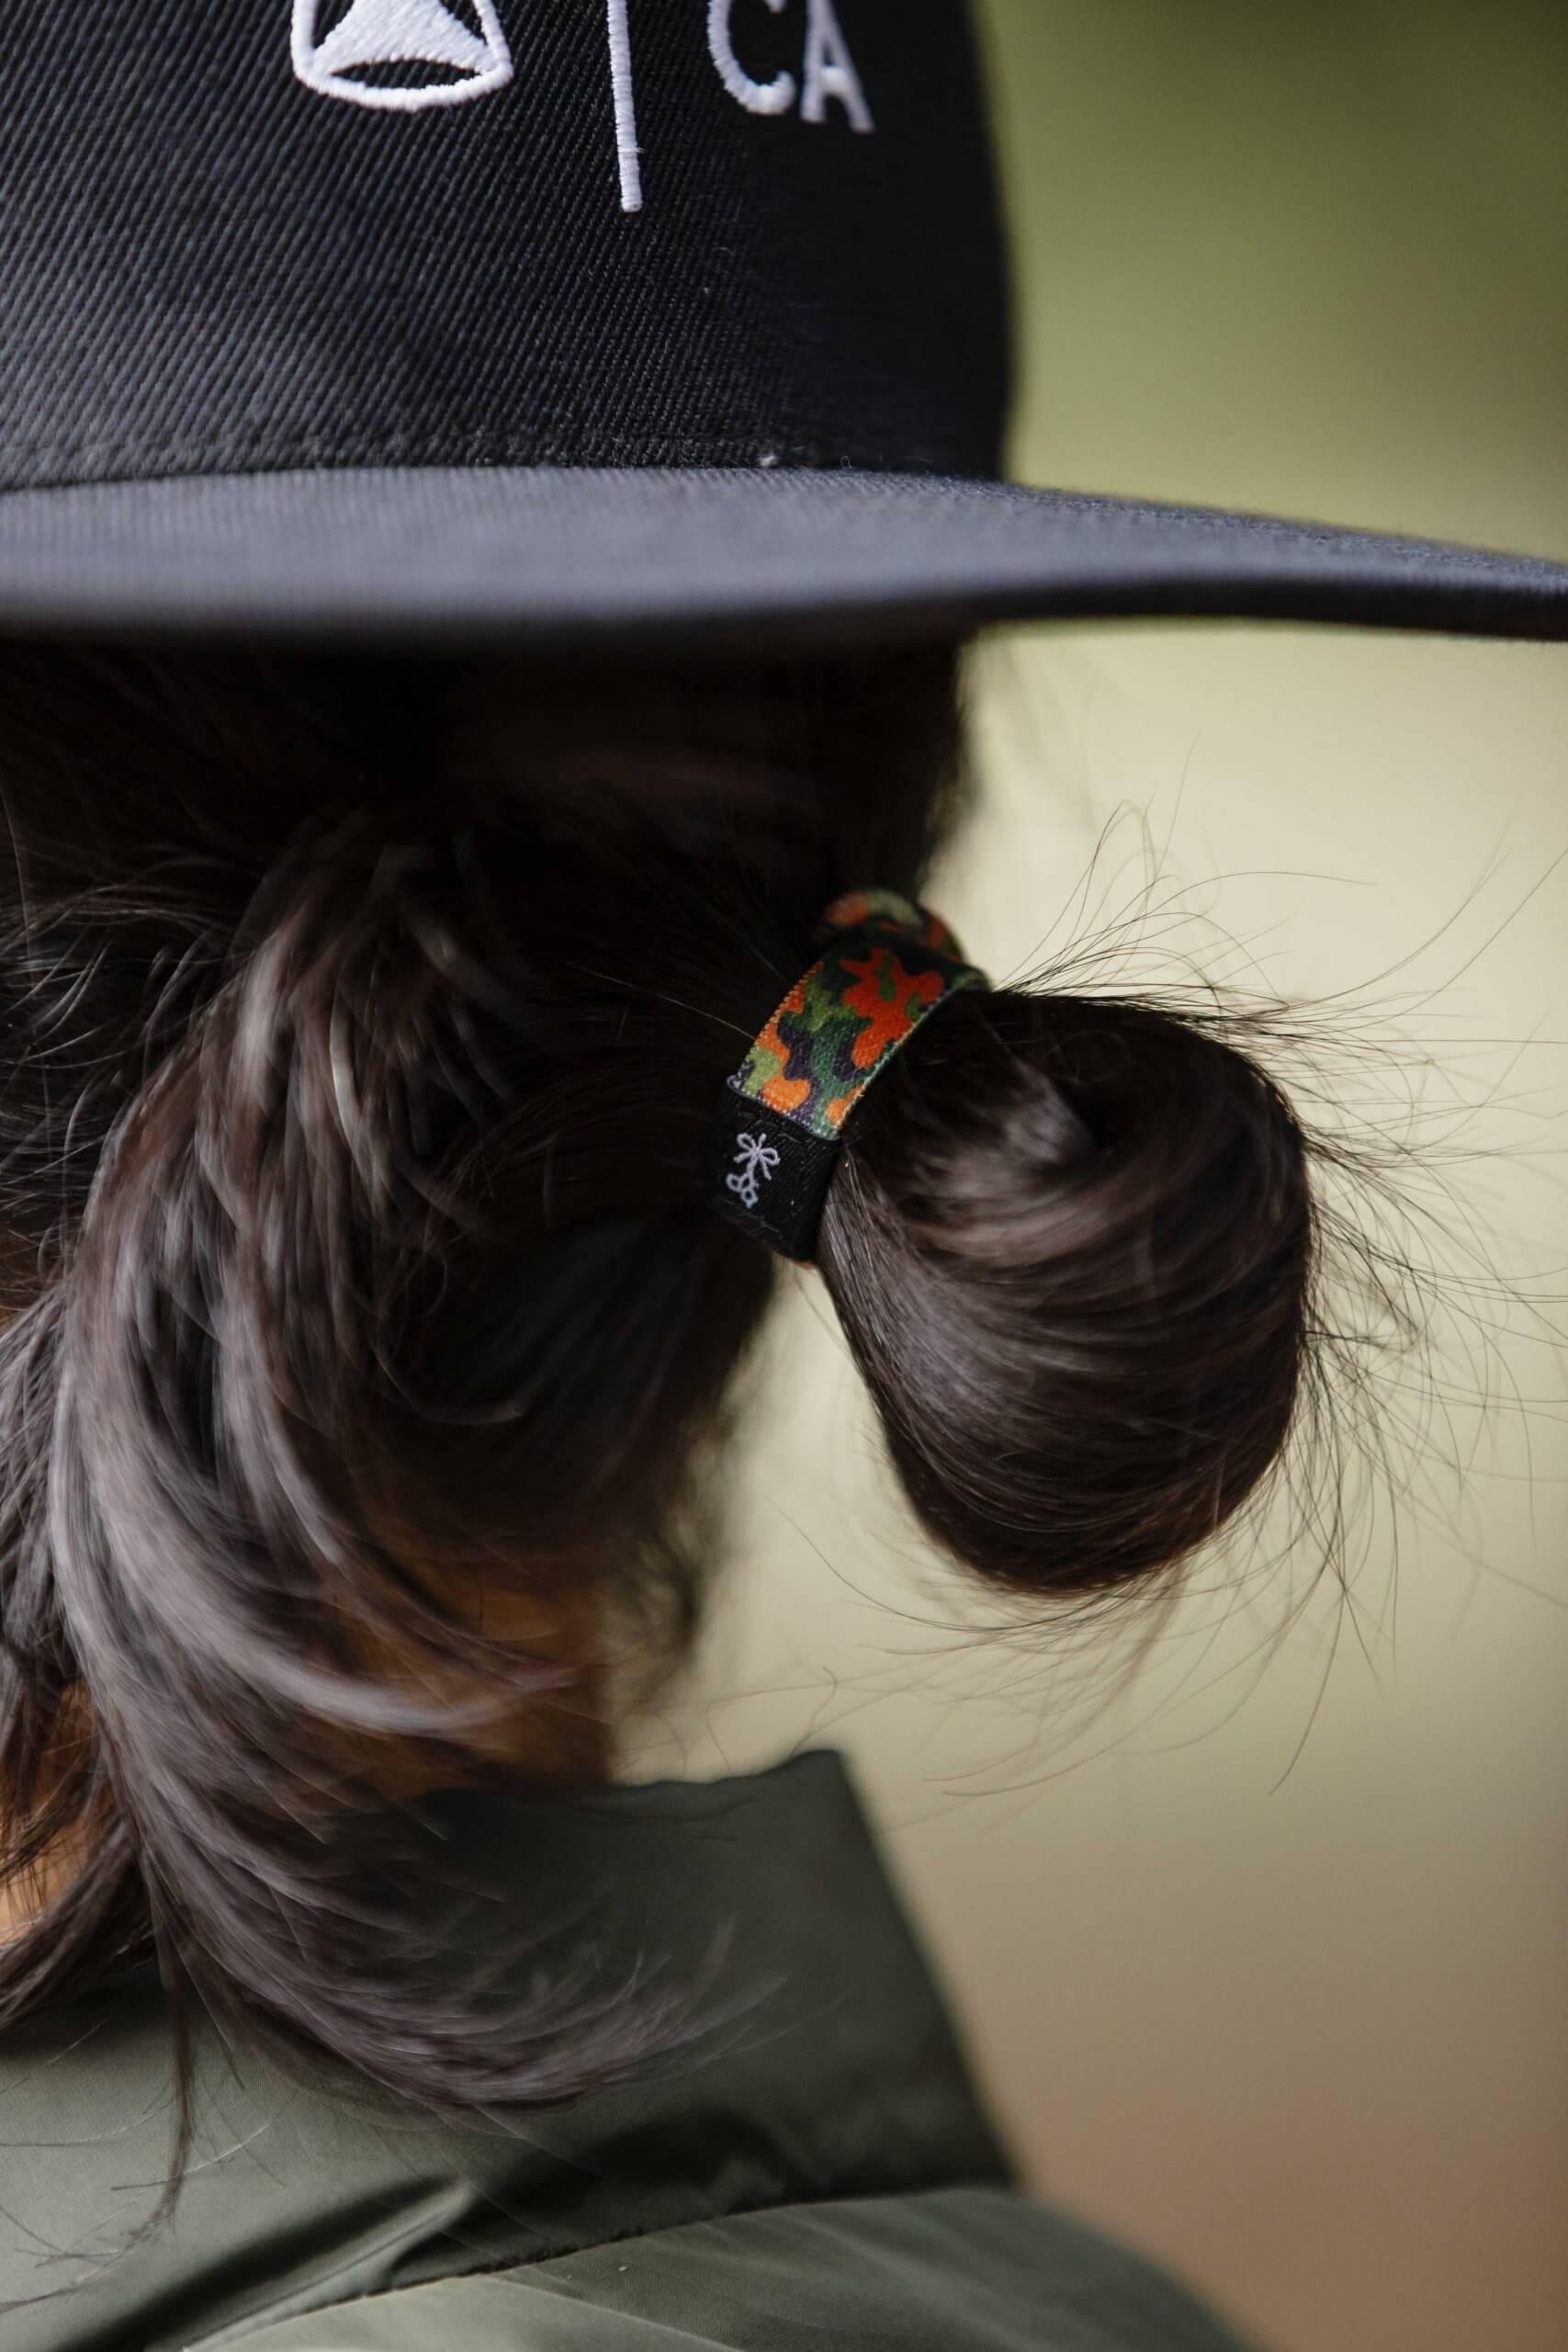 El Garvinski with Hair Ties For Guys in his hair